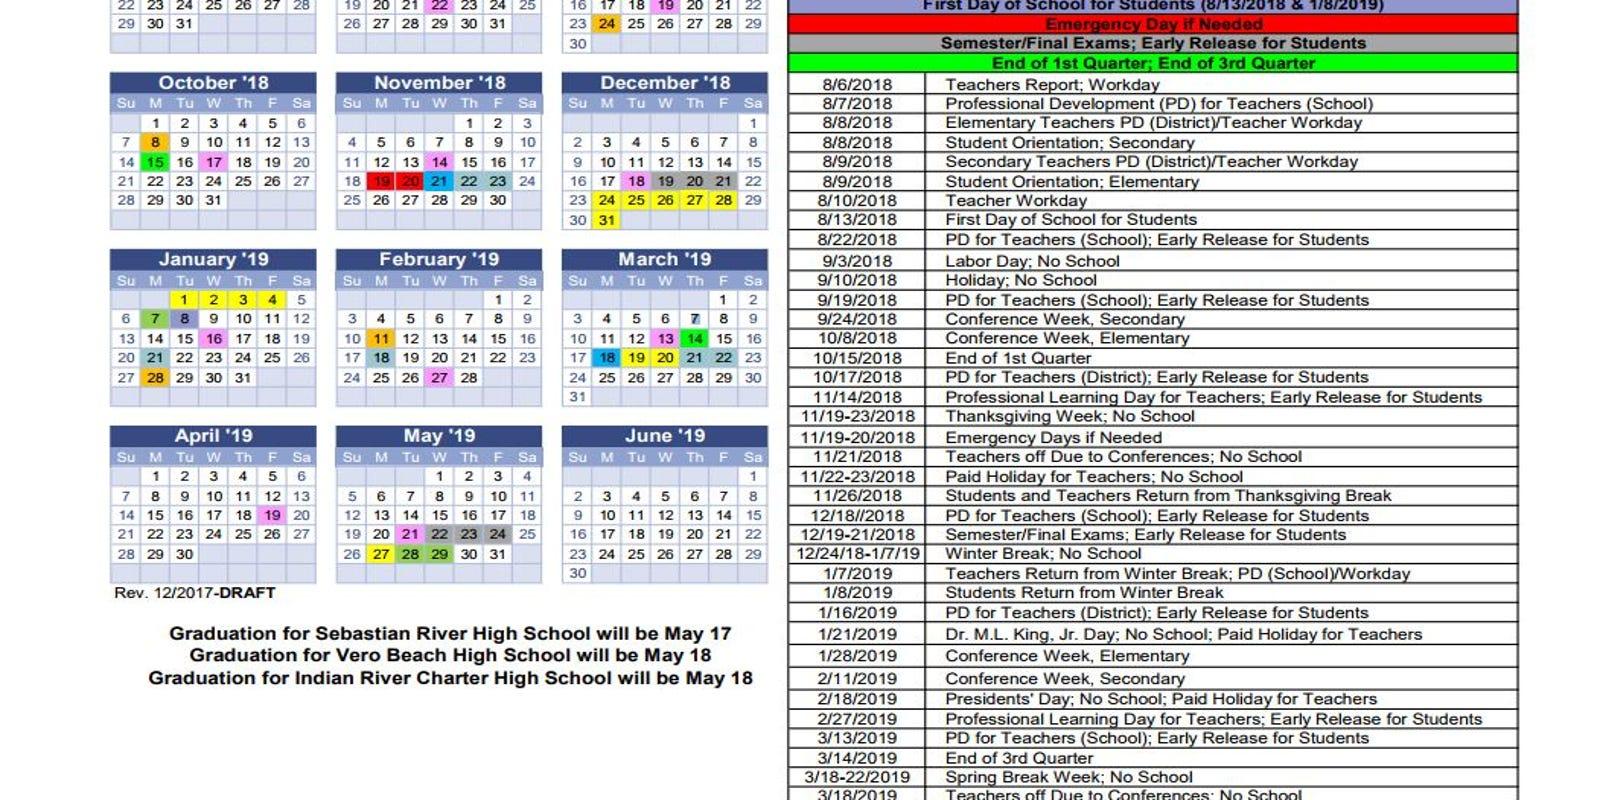 Longer Thanksgiving break planned for Indian River County school calendar